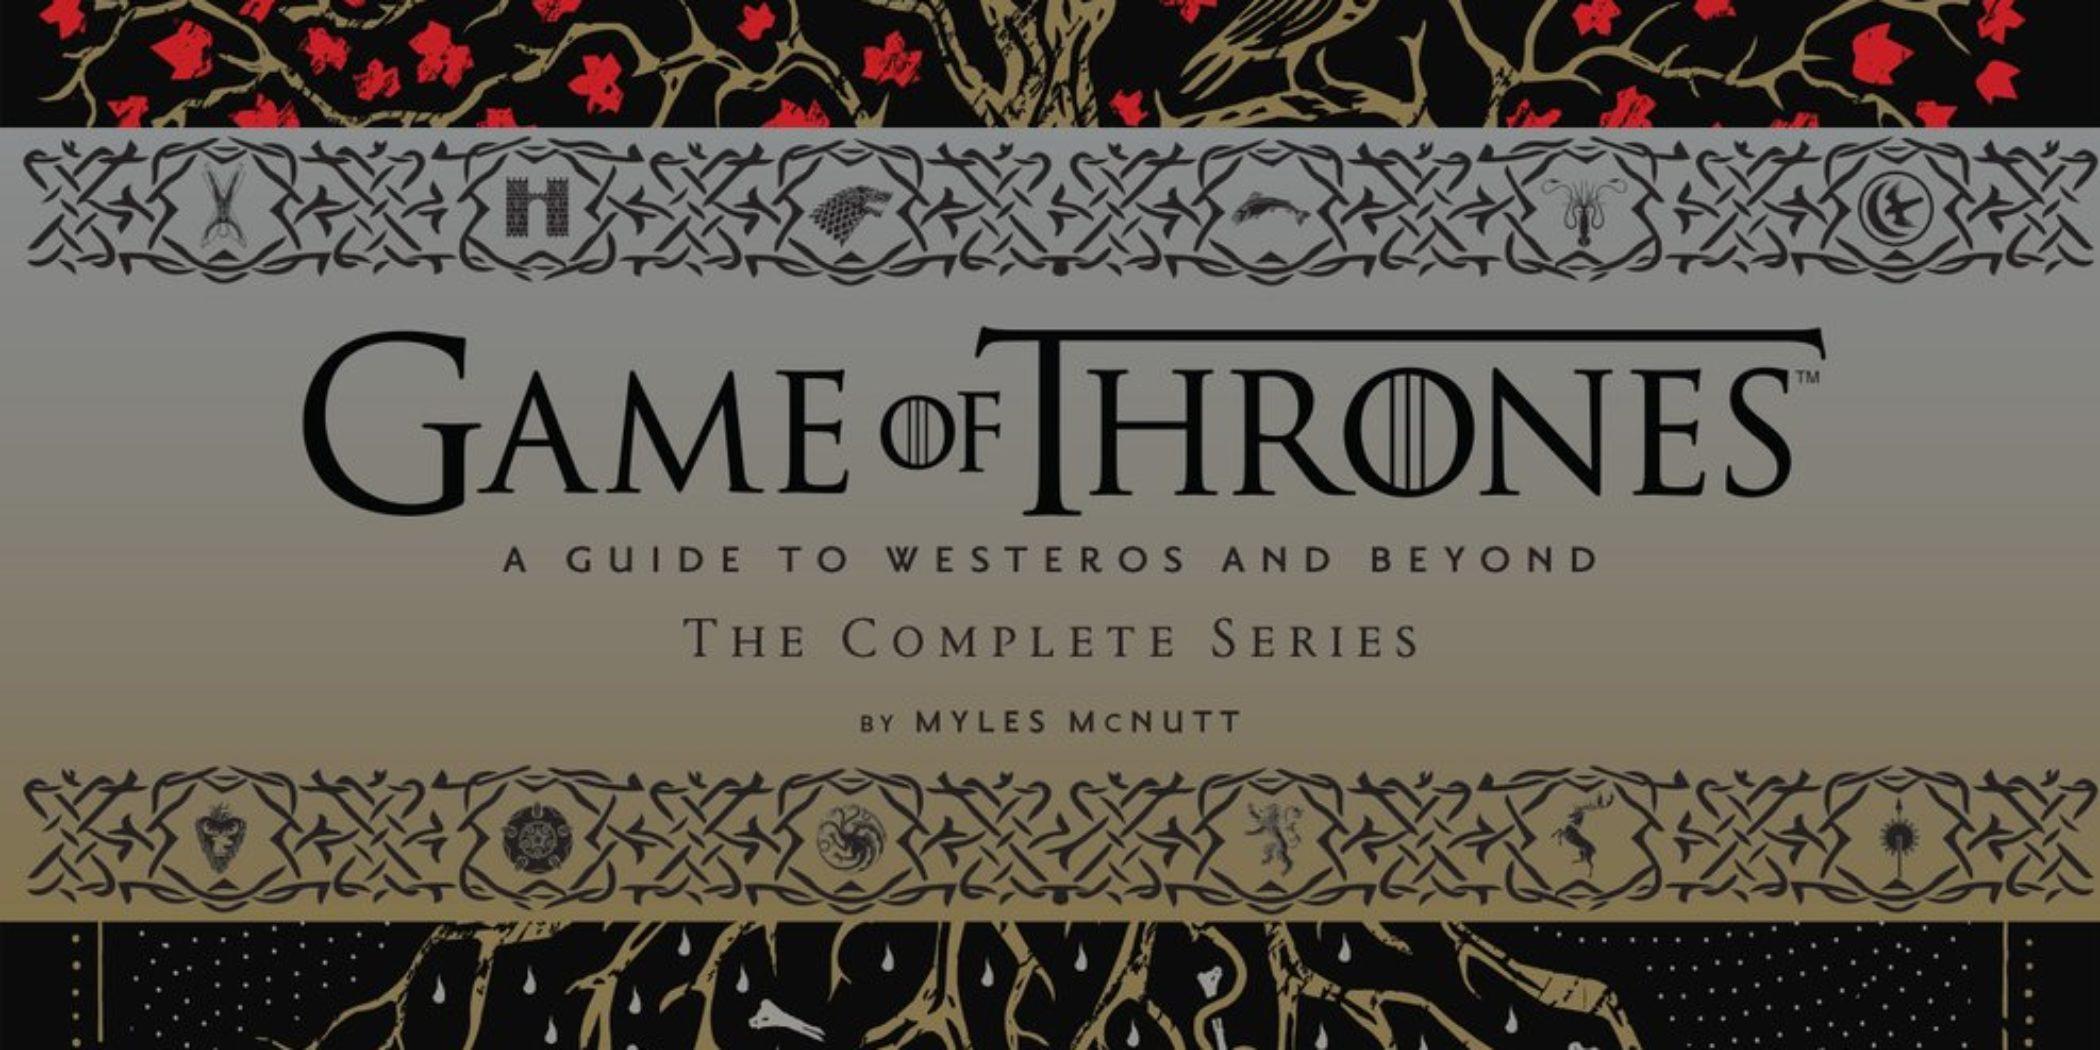 Game Of Thrones La Chronique Integrale Des 8 Saisons Chez